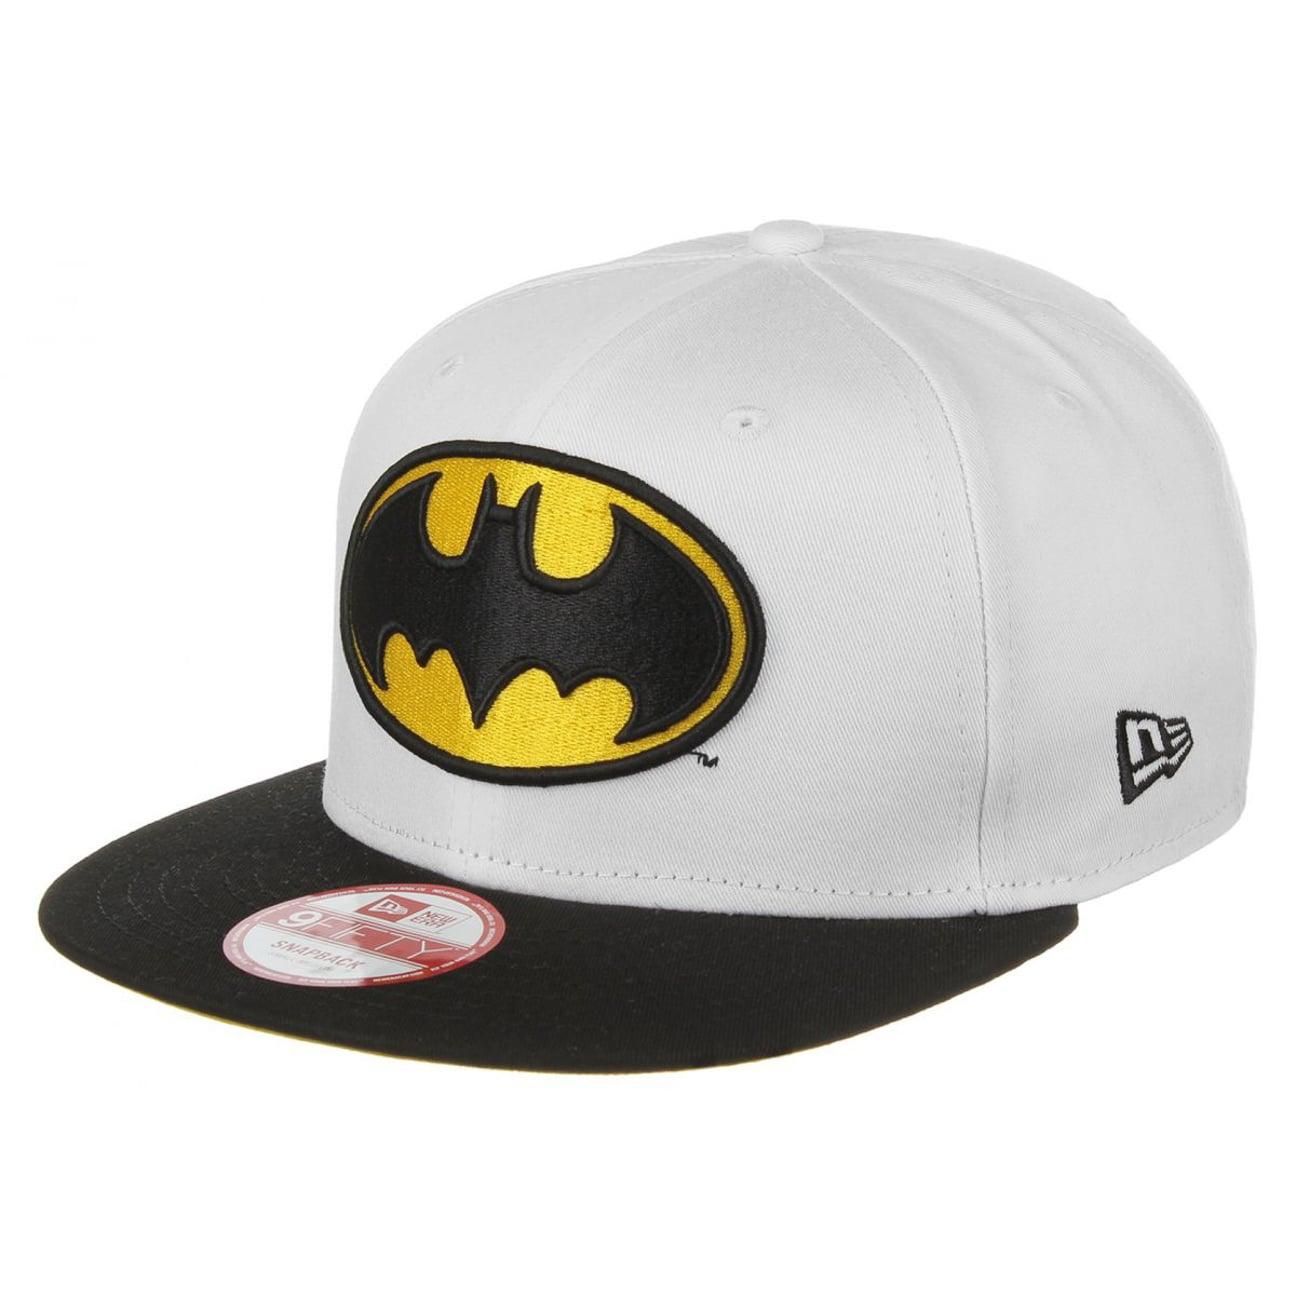 Gorra Snapback 9Fifty Batman by New Era - Gorras - sombreroshop.es e6785baf587